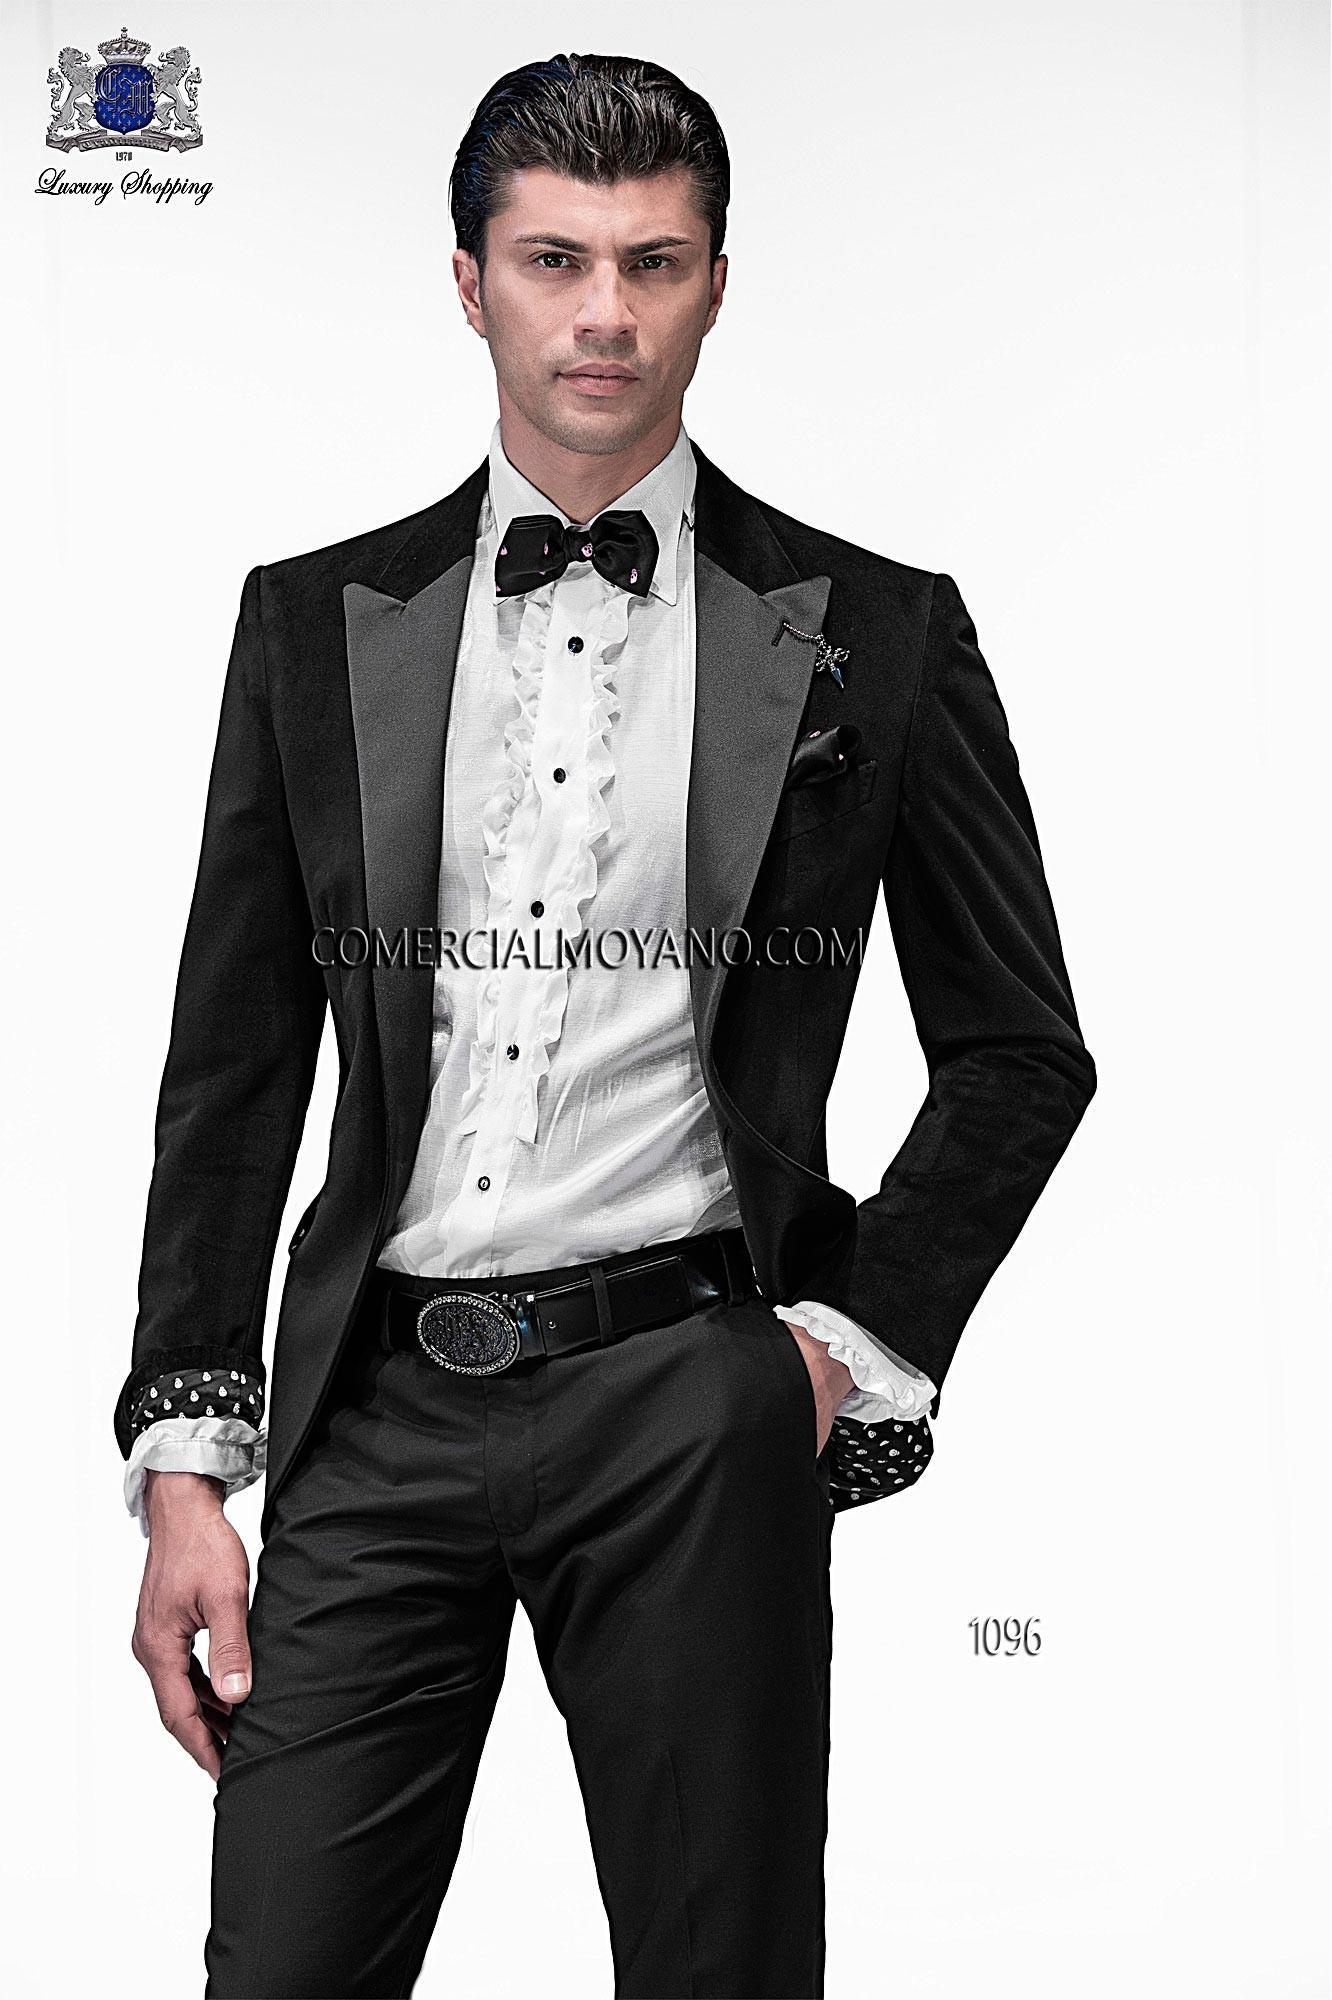 Traje de moda hombre negro modelo: 1096 Ottavio Nuccio Gala colección Emotion